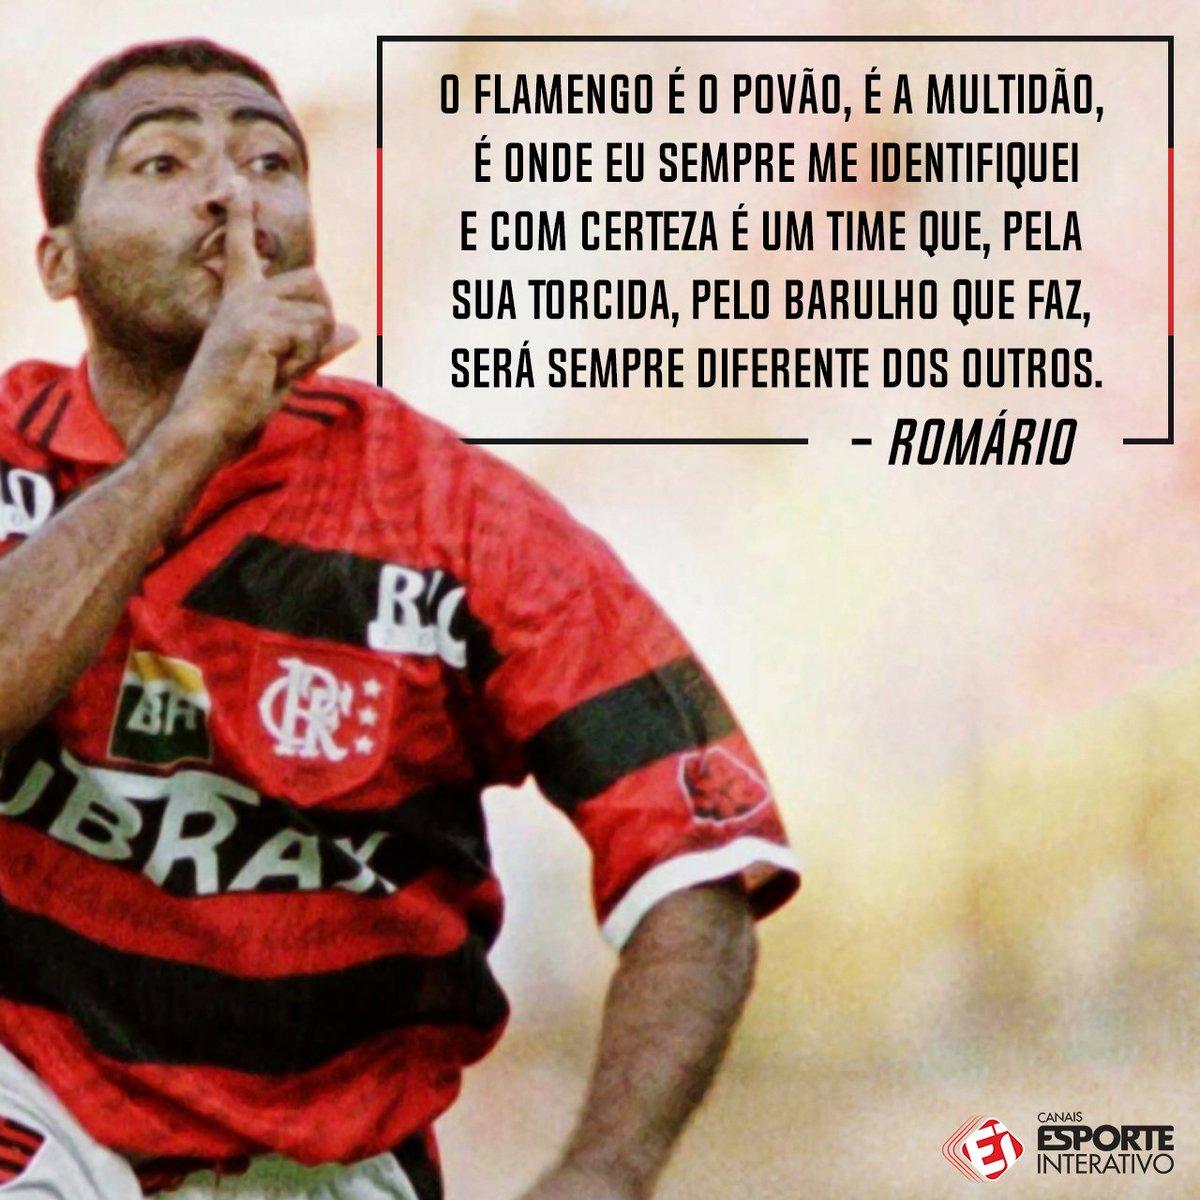 Romário foi falar do @Flamengo para a Fox Sports, e olha só o que saiu! O Rubro-Negro está com moral com o Baixinho!